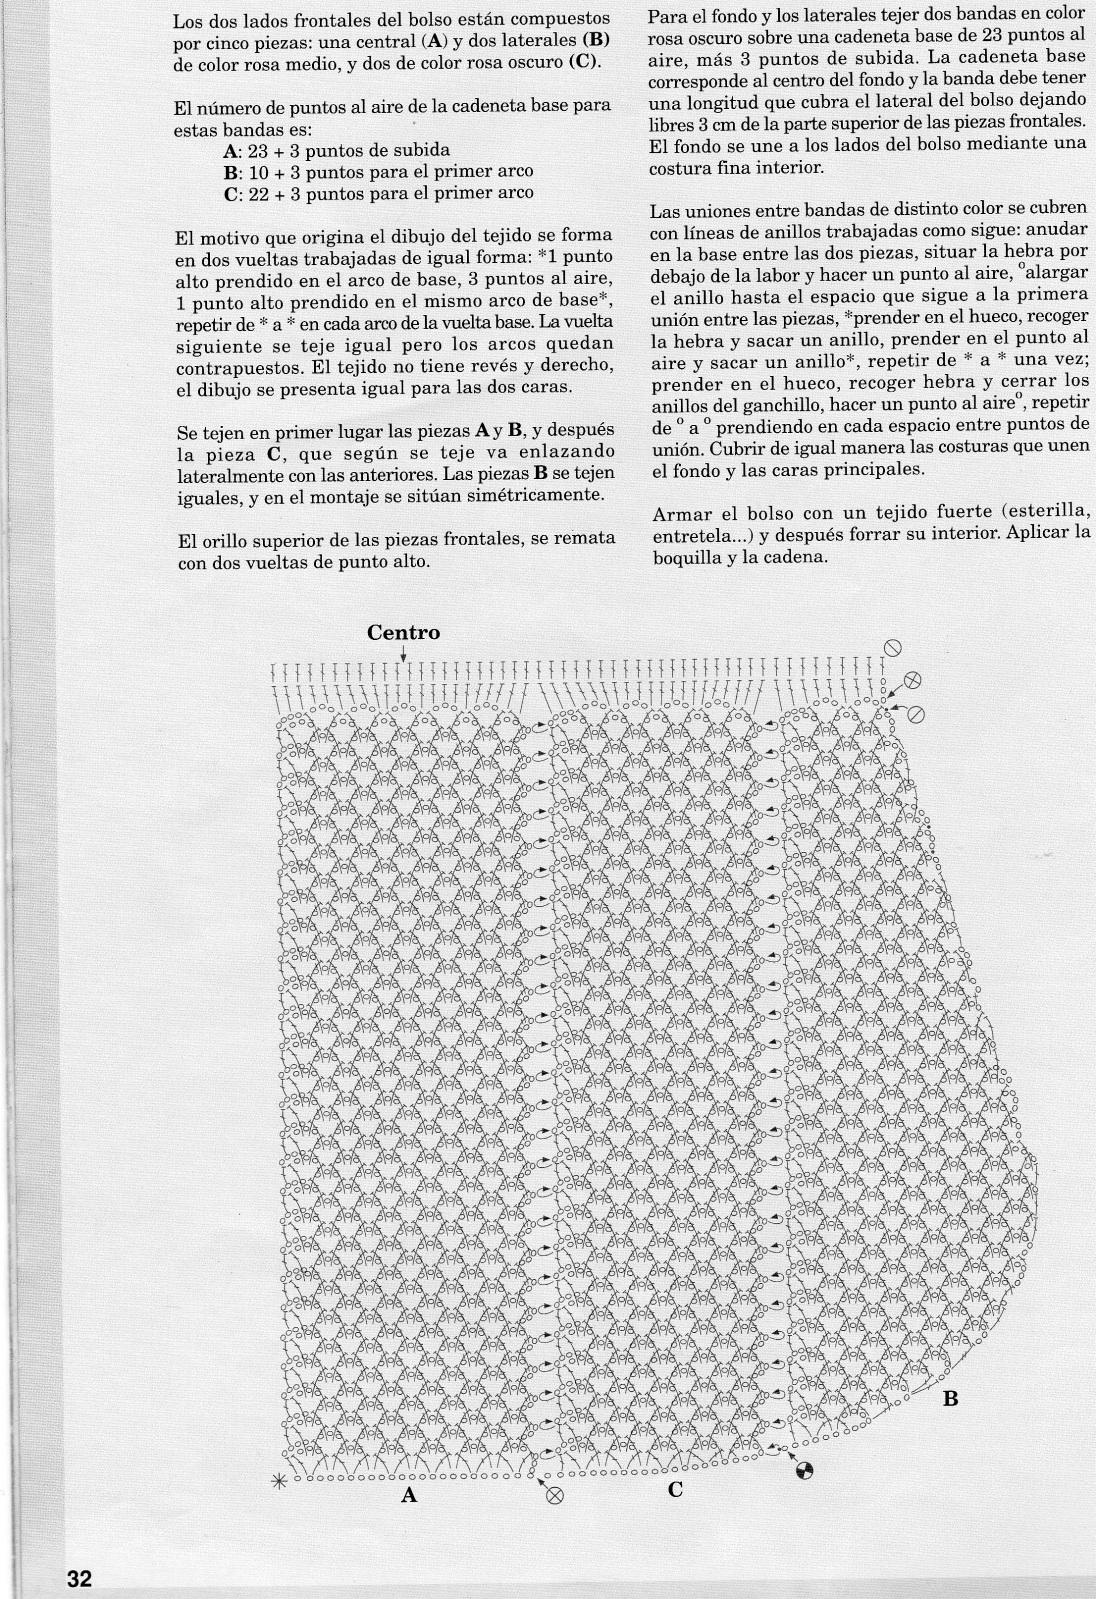 patrones - patrones de bolsos O51air